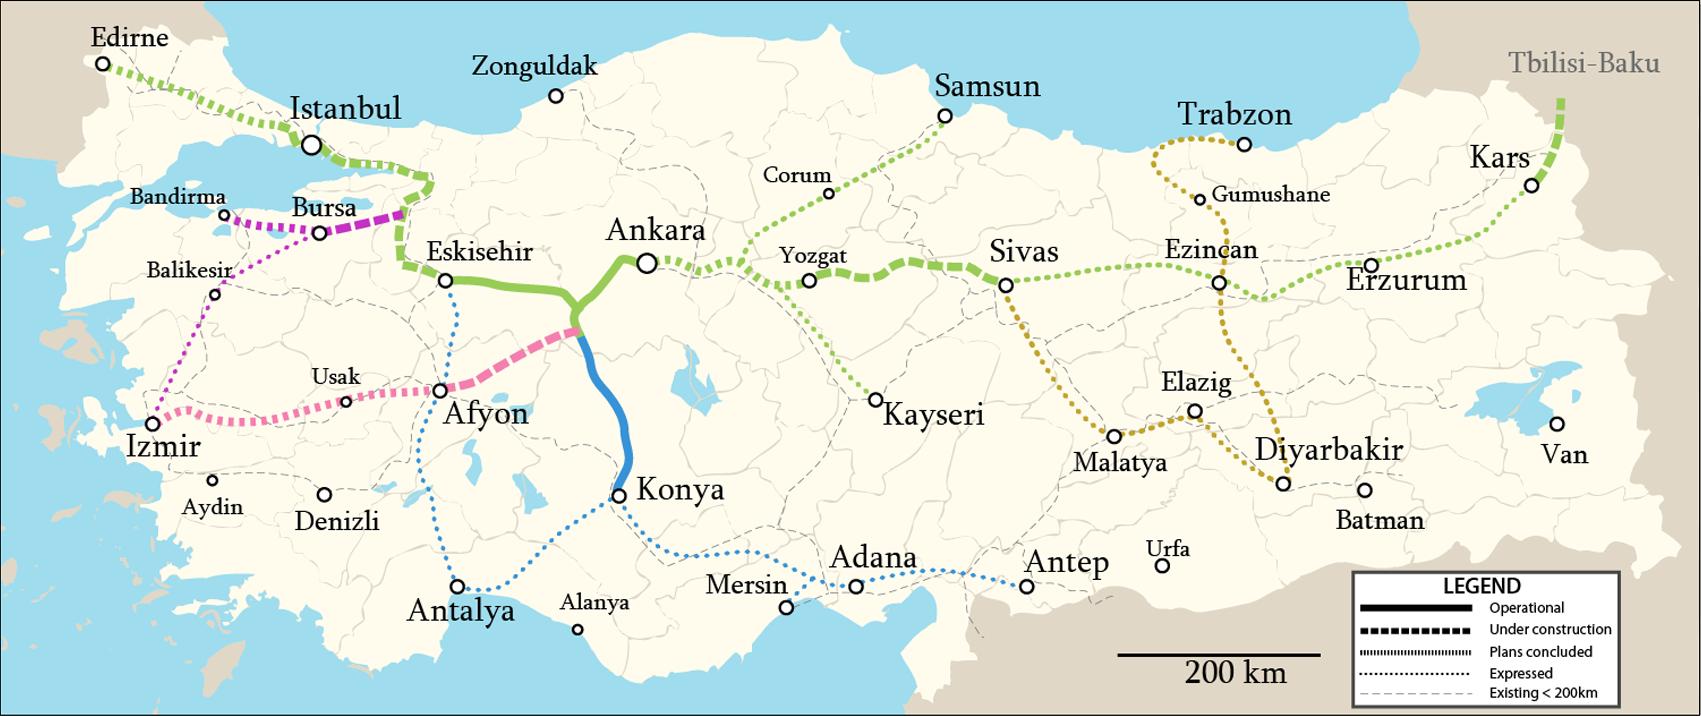 Turkey_High_Speed_Rail